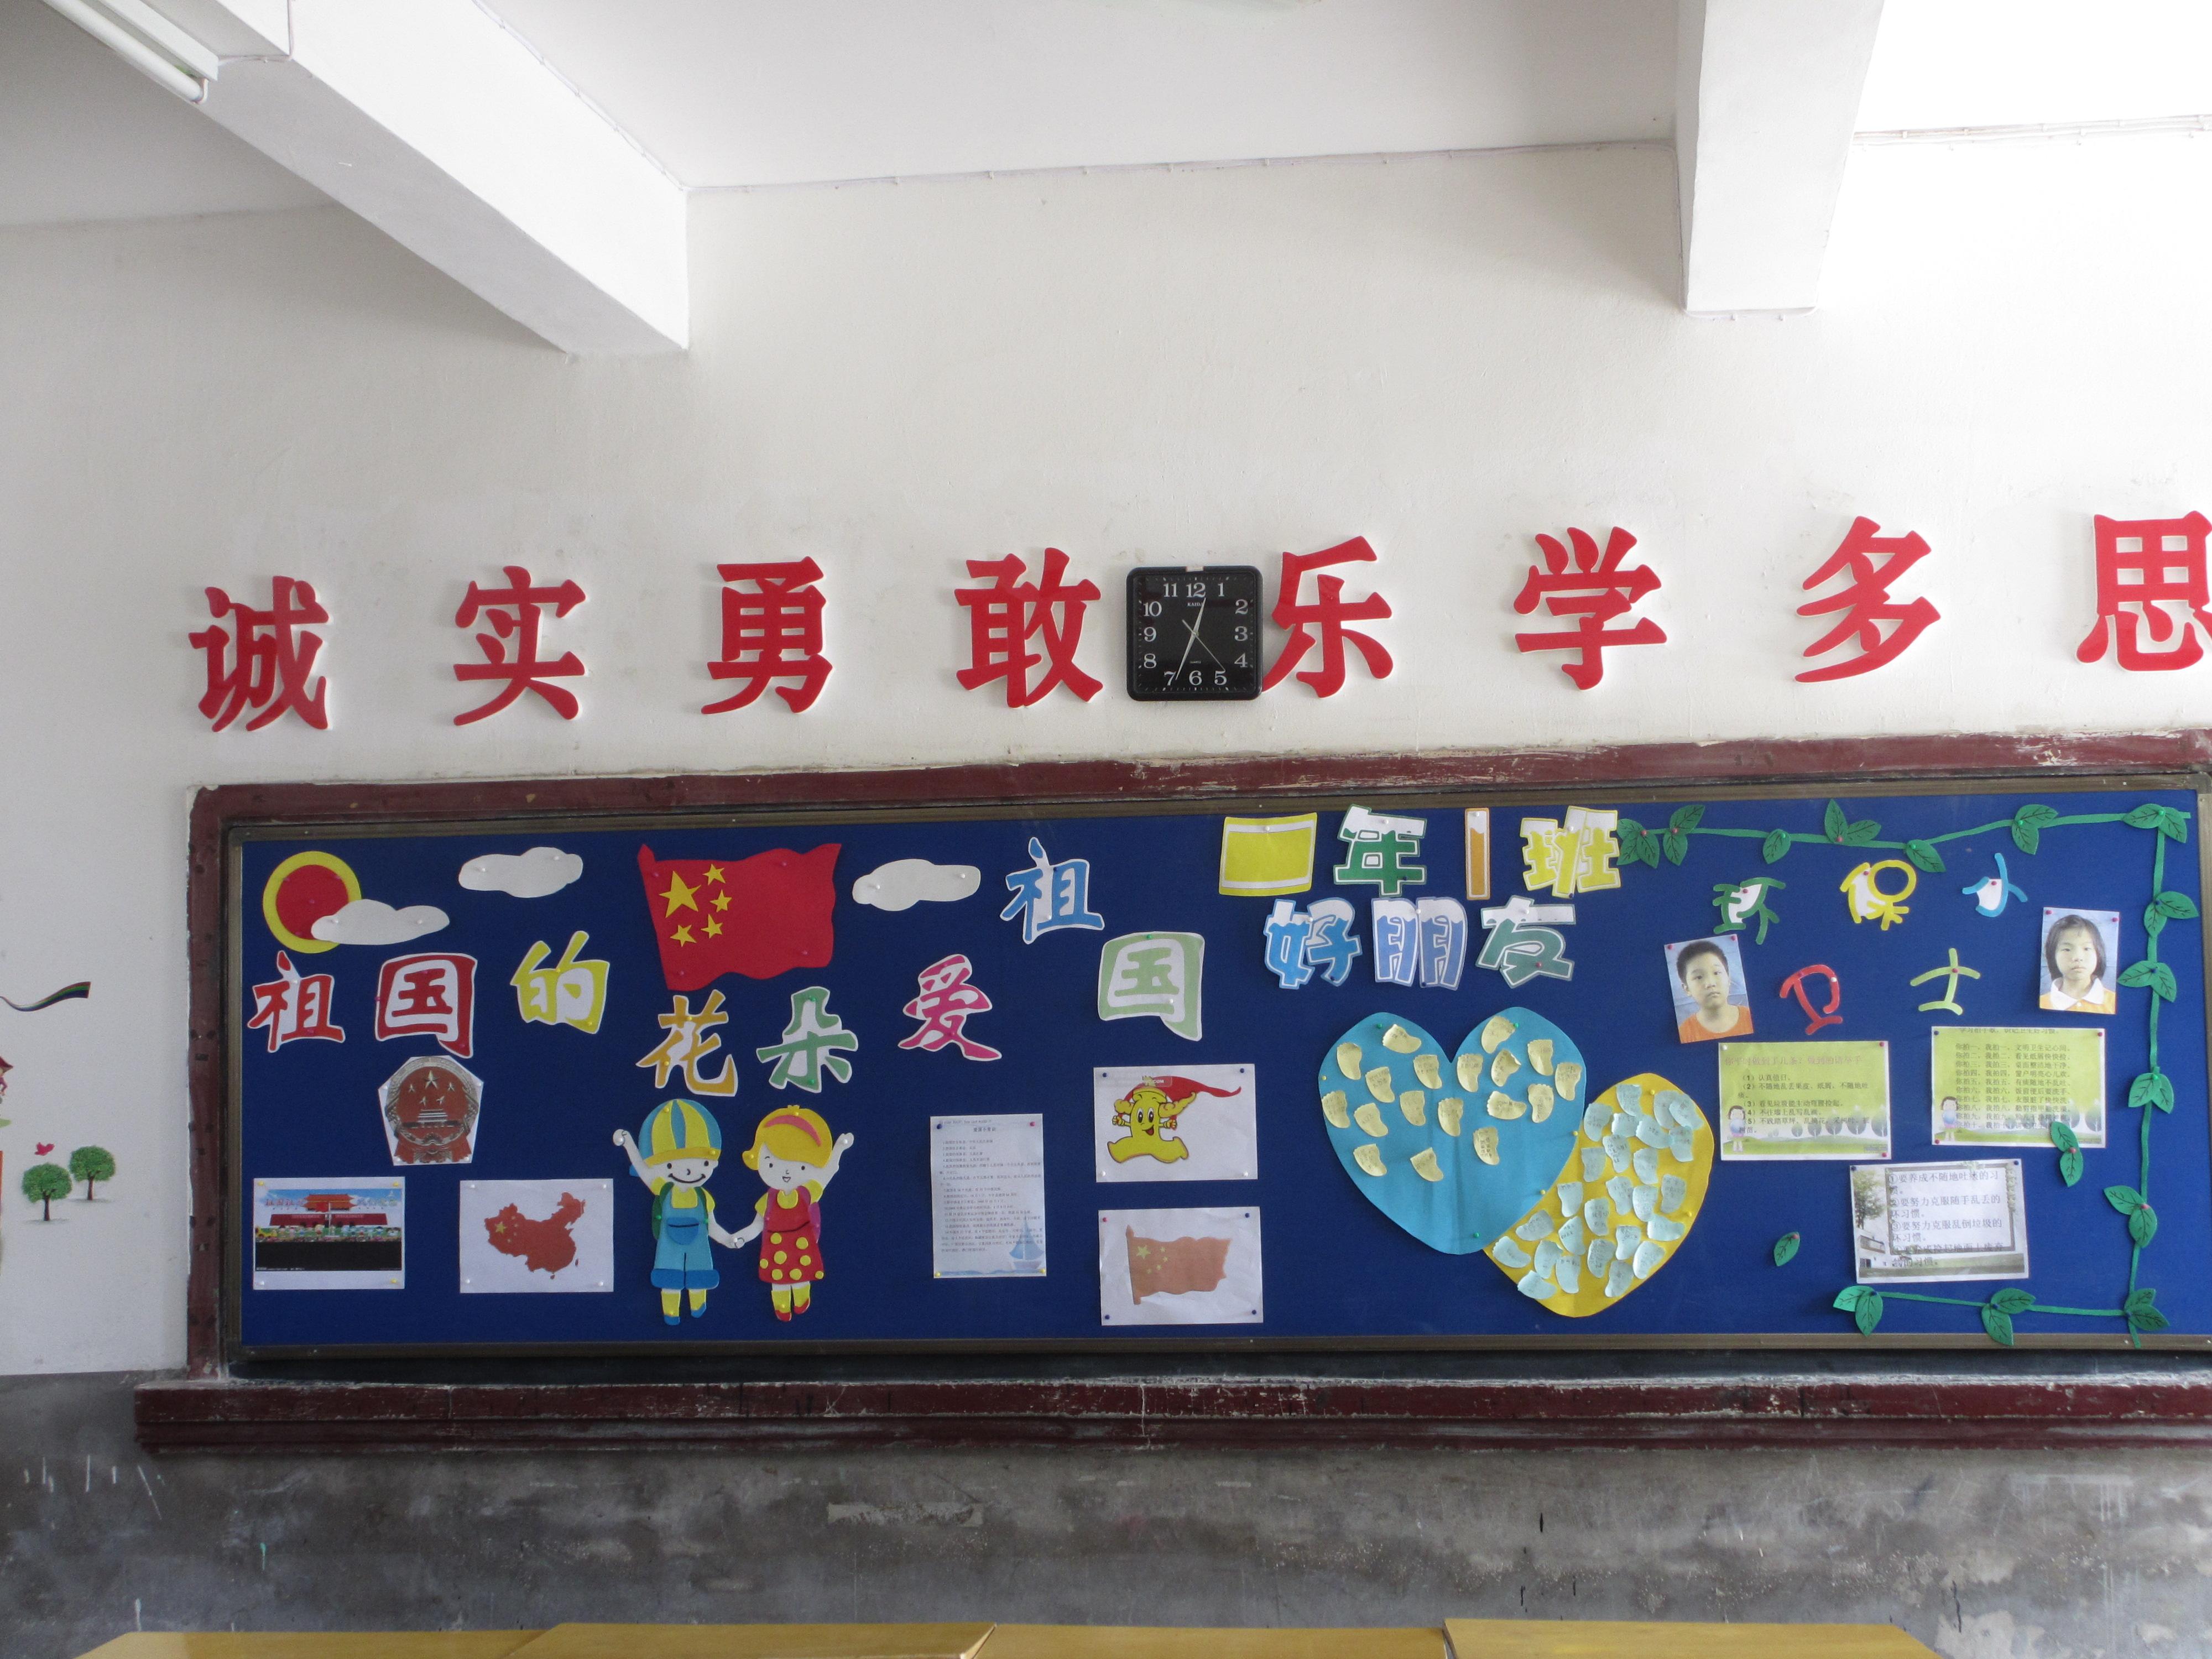 黑板报幼儿园大班手工